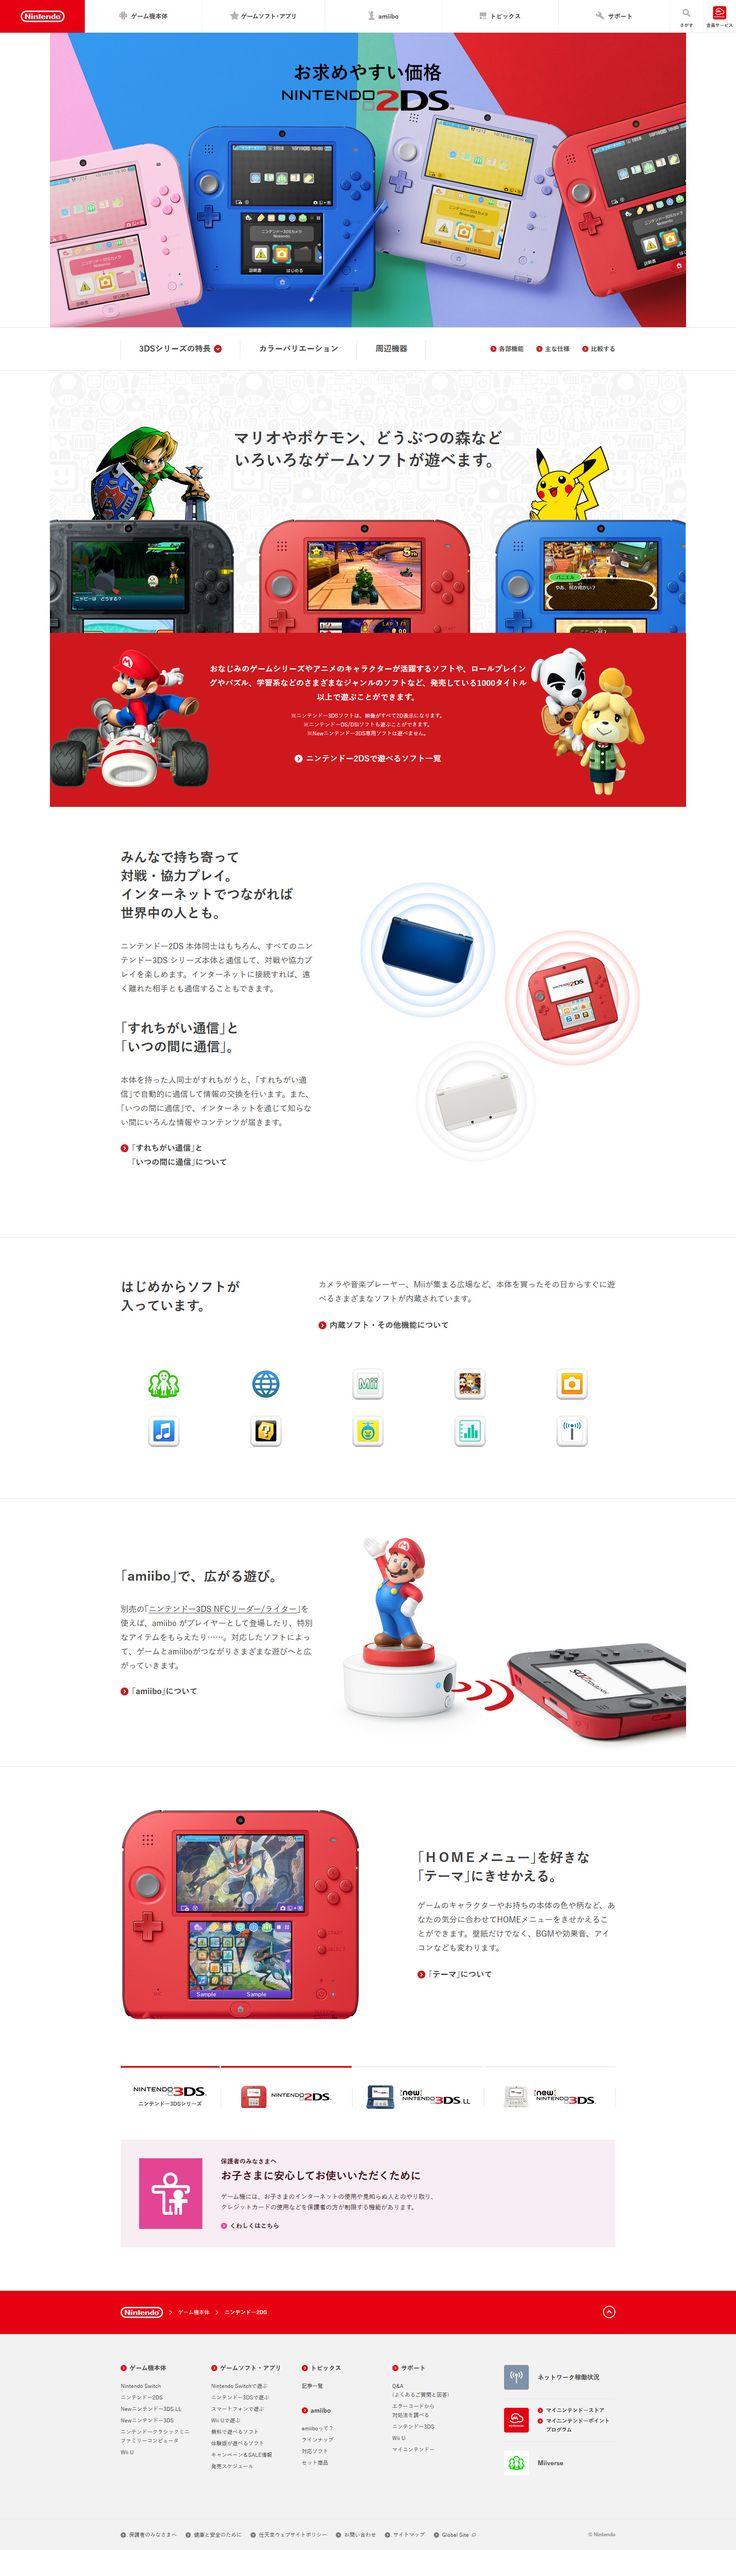 ニンテンドー2DS https://www.nintendo.co.jp/hardware/2ds/index.html